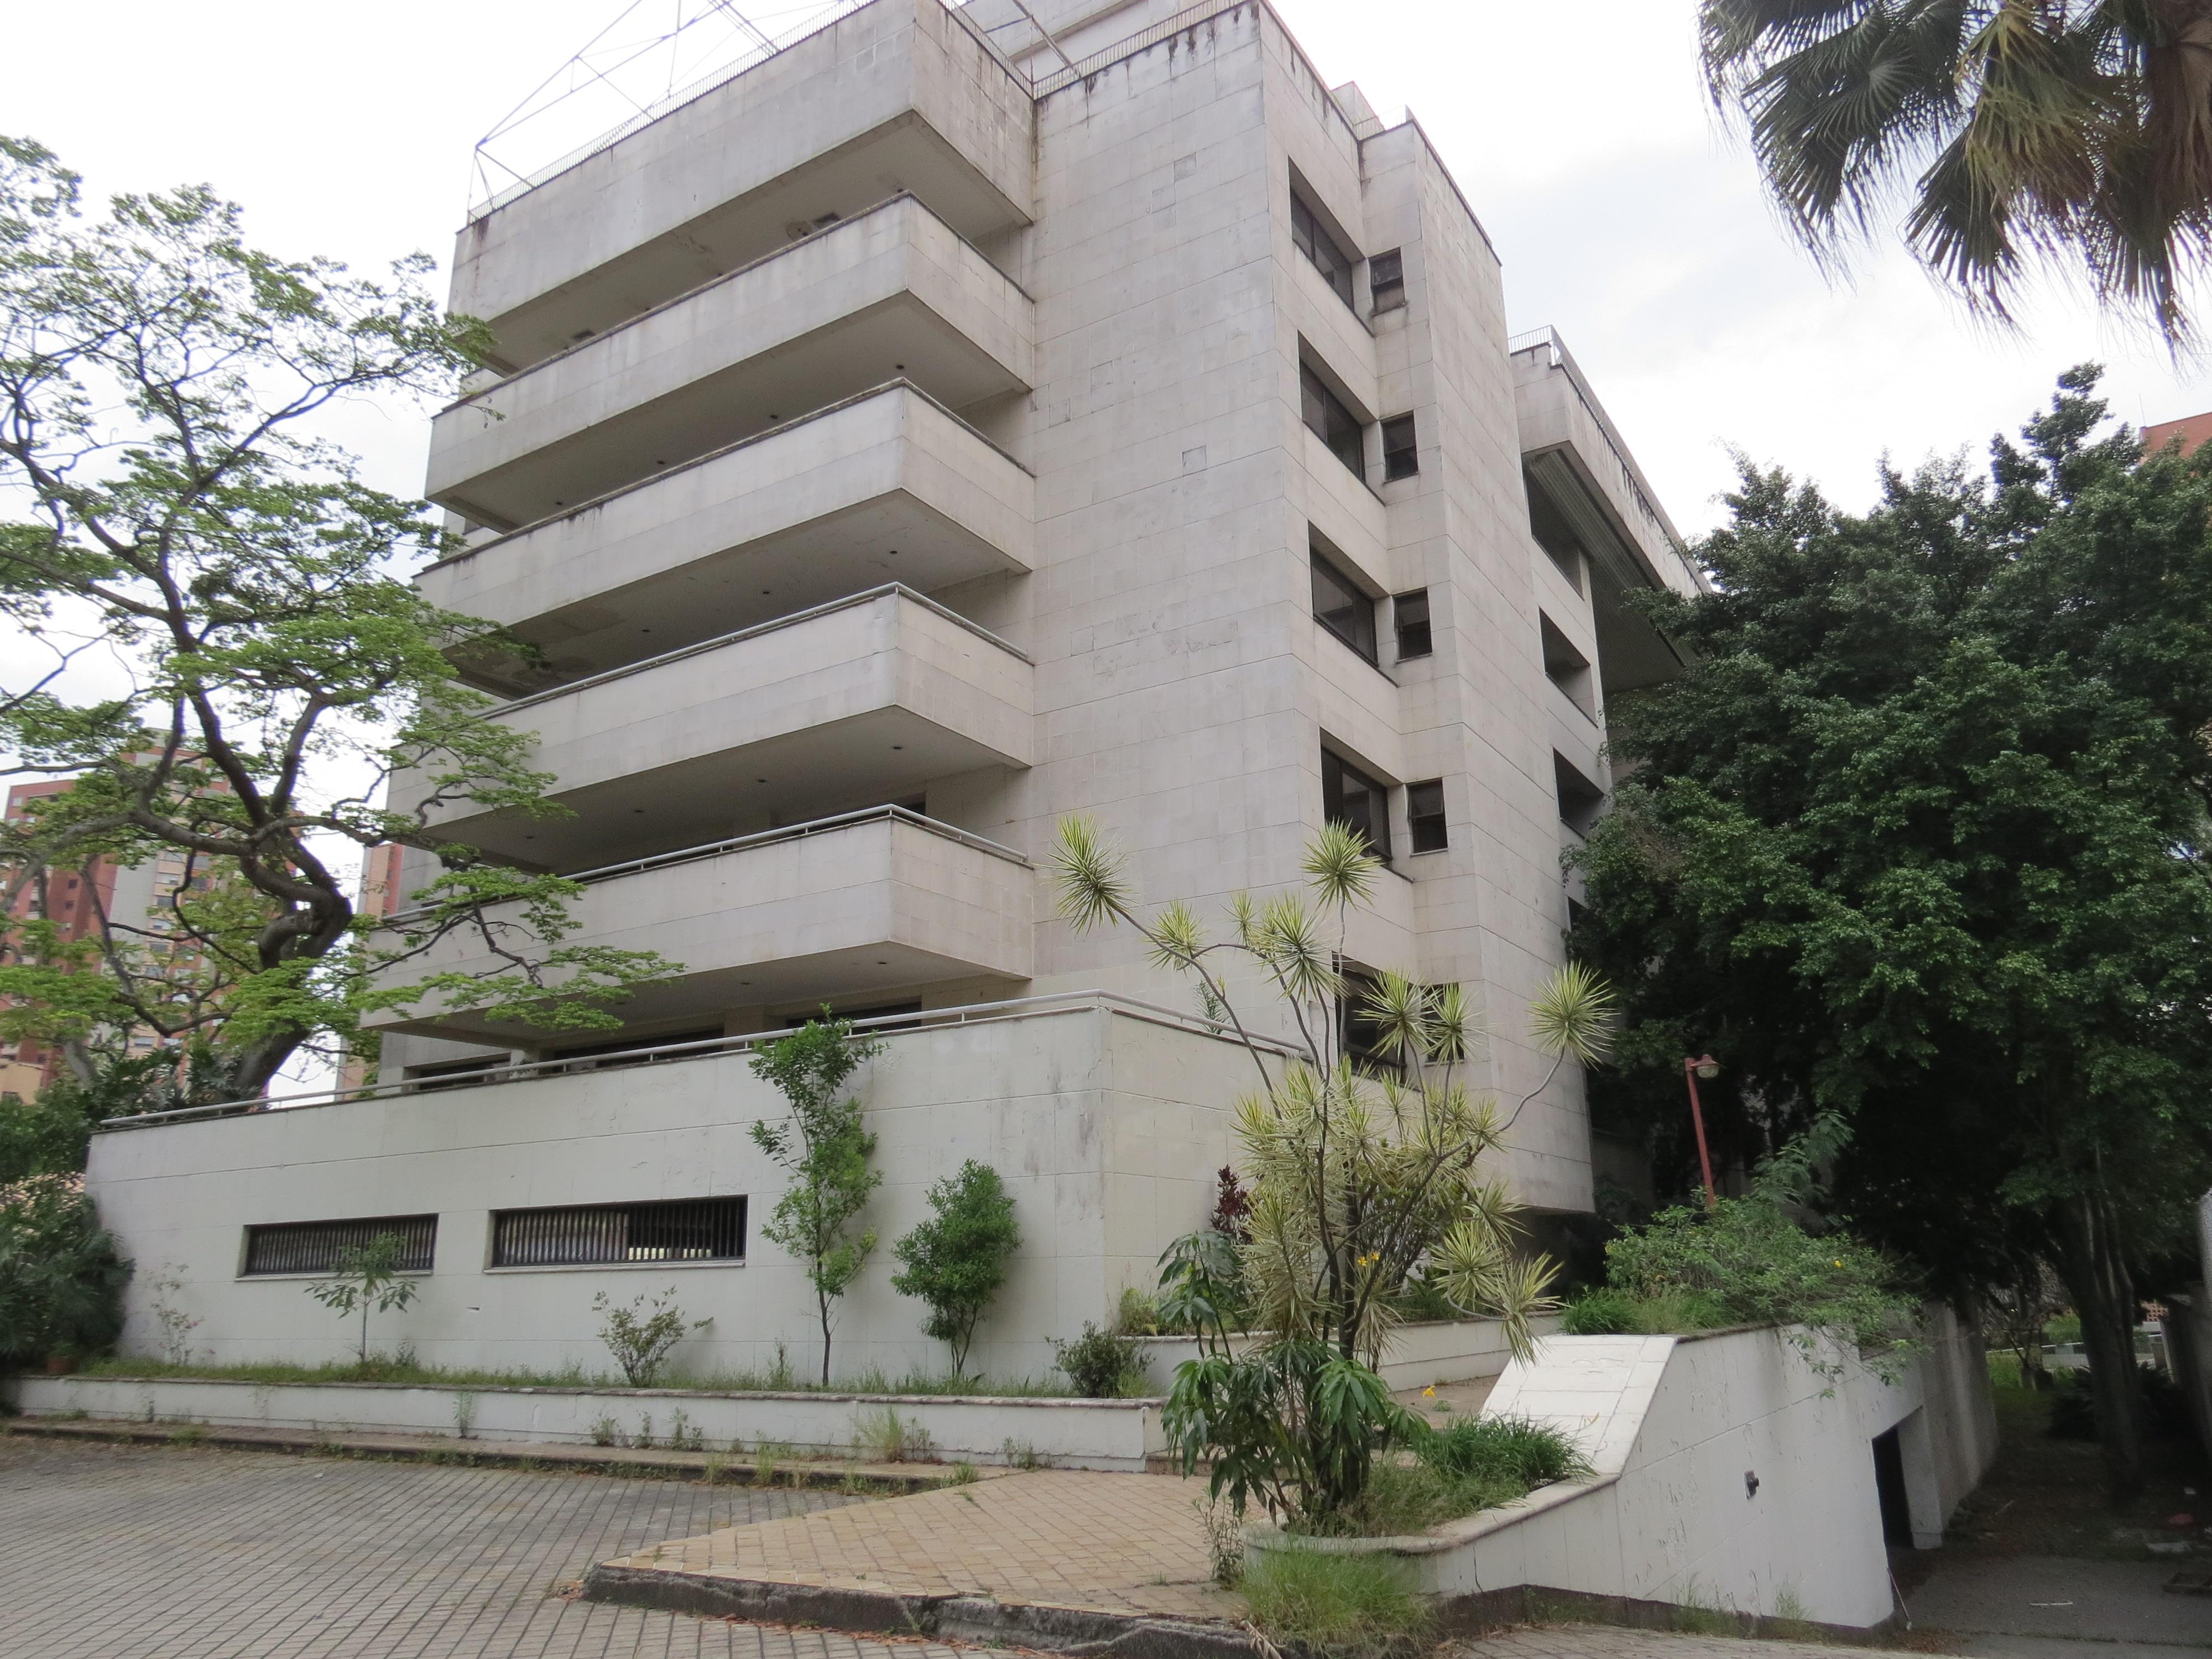 El edificio Mónaco, propiedad y residencia de la familia Escobar, fue el primer objetivo que eligió el Cartel de Cali para intentar matar al capo narco de Medellín. Comenzaba la guerra entre los mafiosos. Hoy el edificio está abandonado